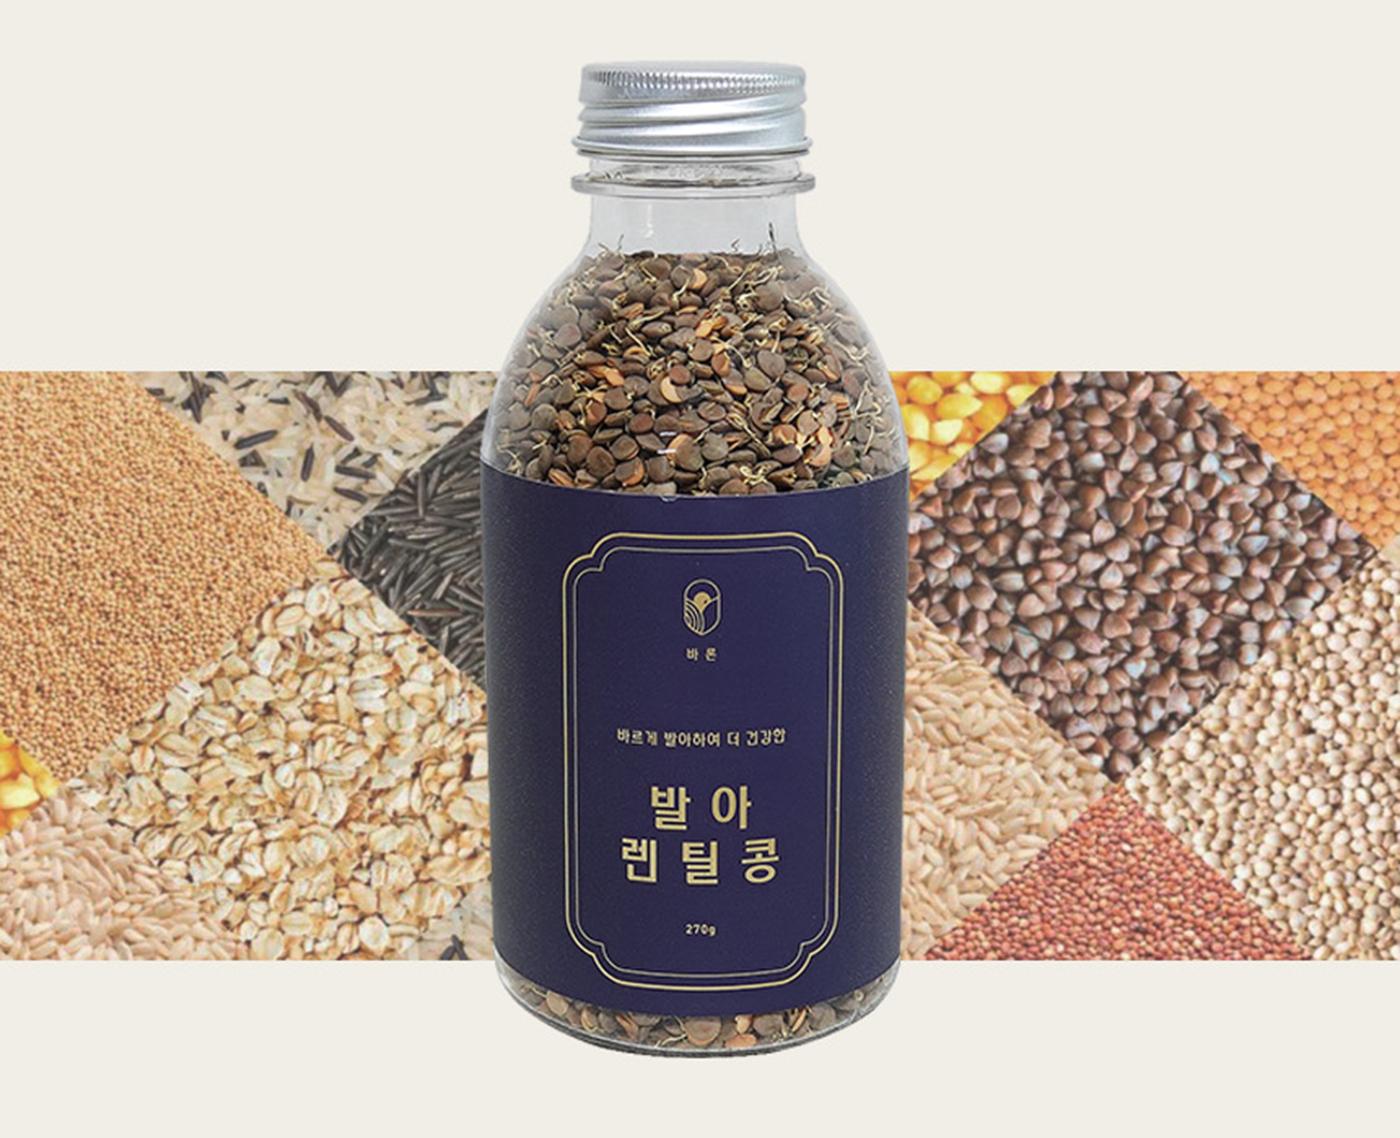 발아 렌틸콩 곡물(270g) 상세이미지5